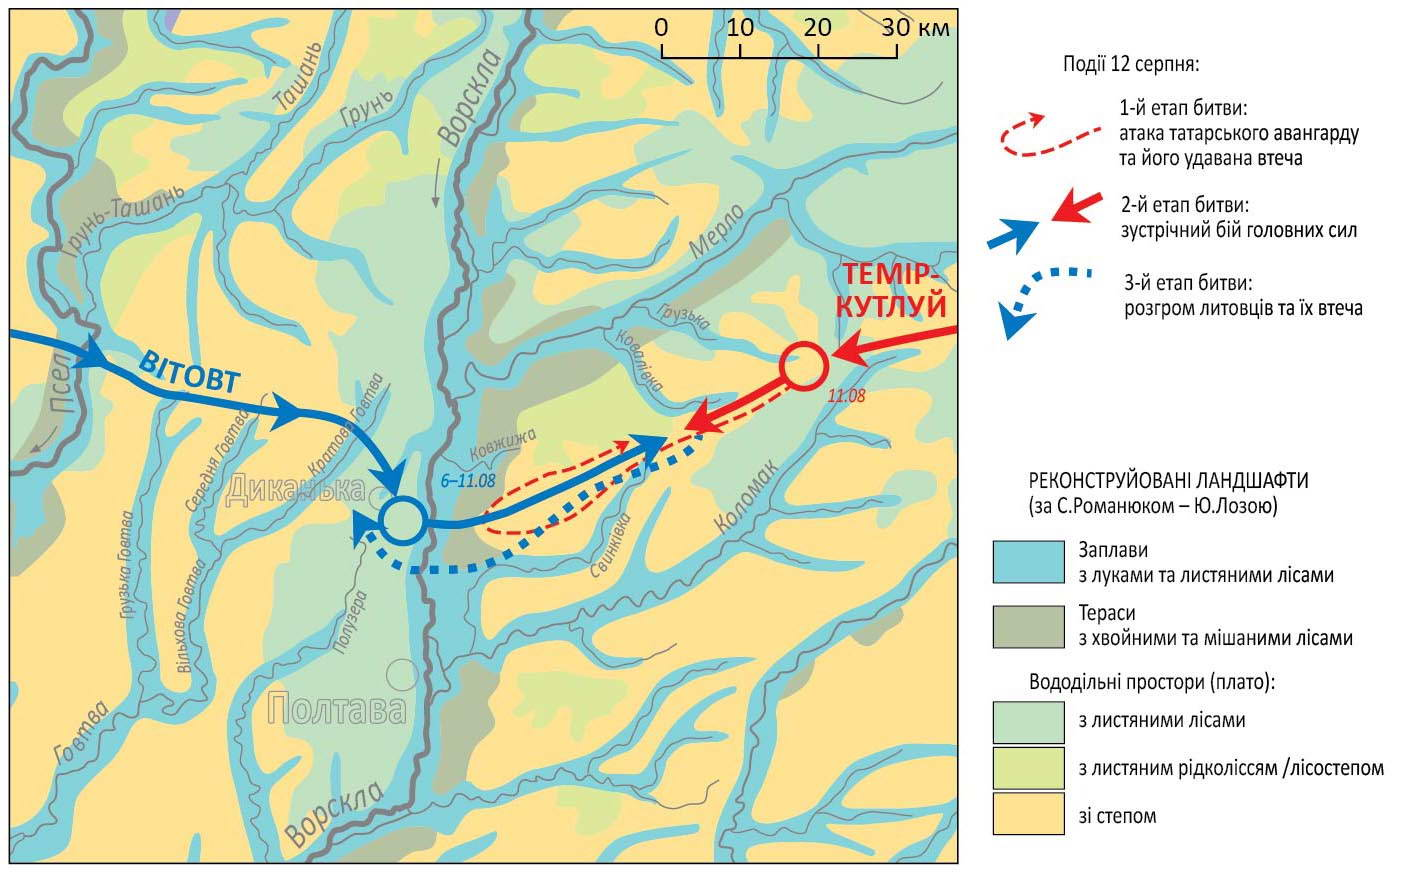 Картосхема битвы на Ворскле 1399 г.